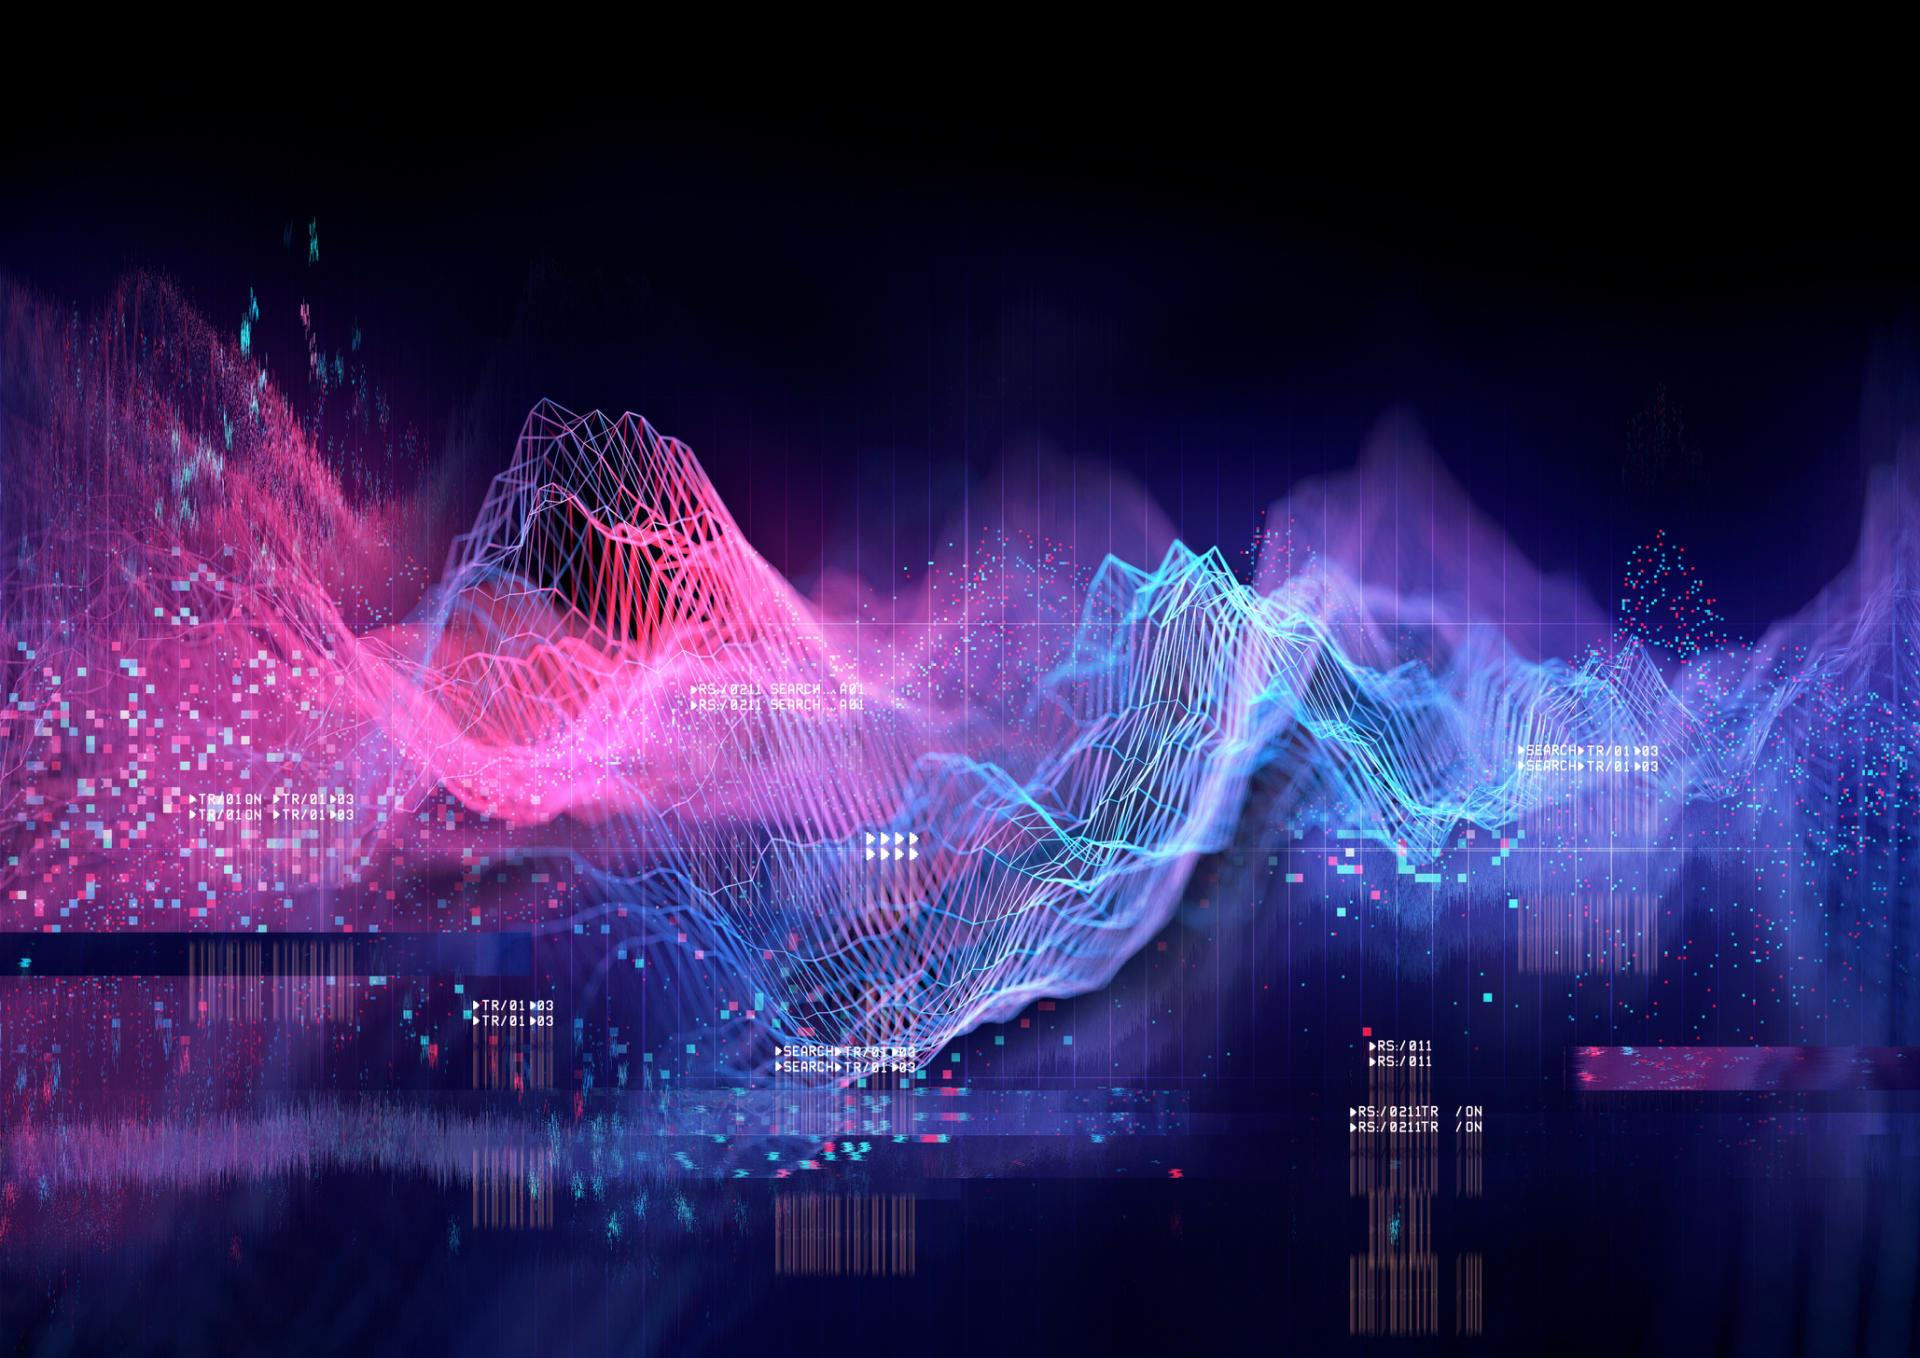 virtual mountain scenery on screen